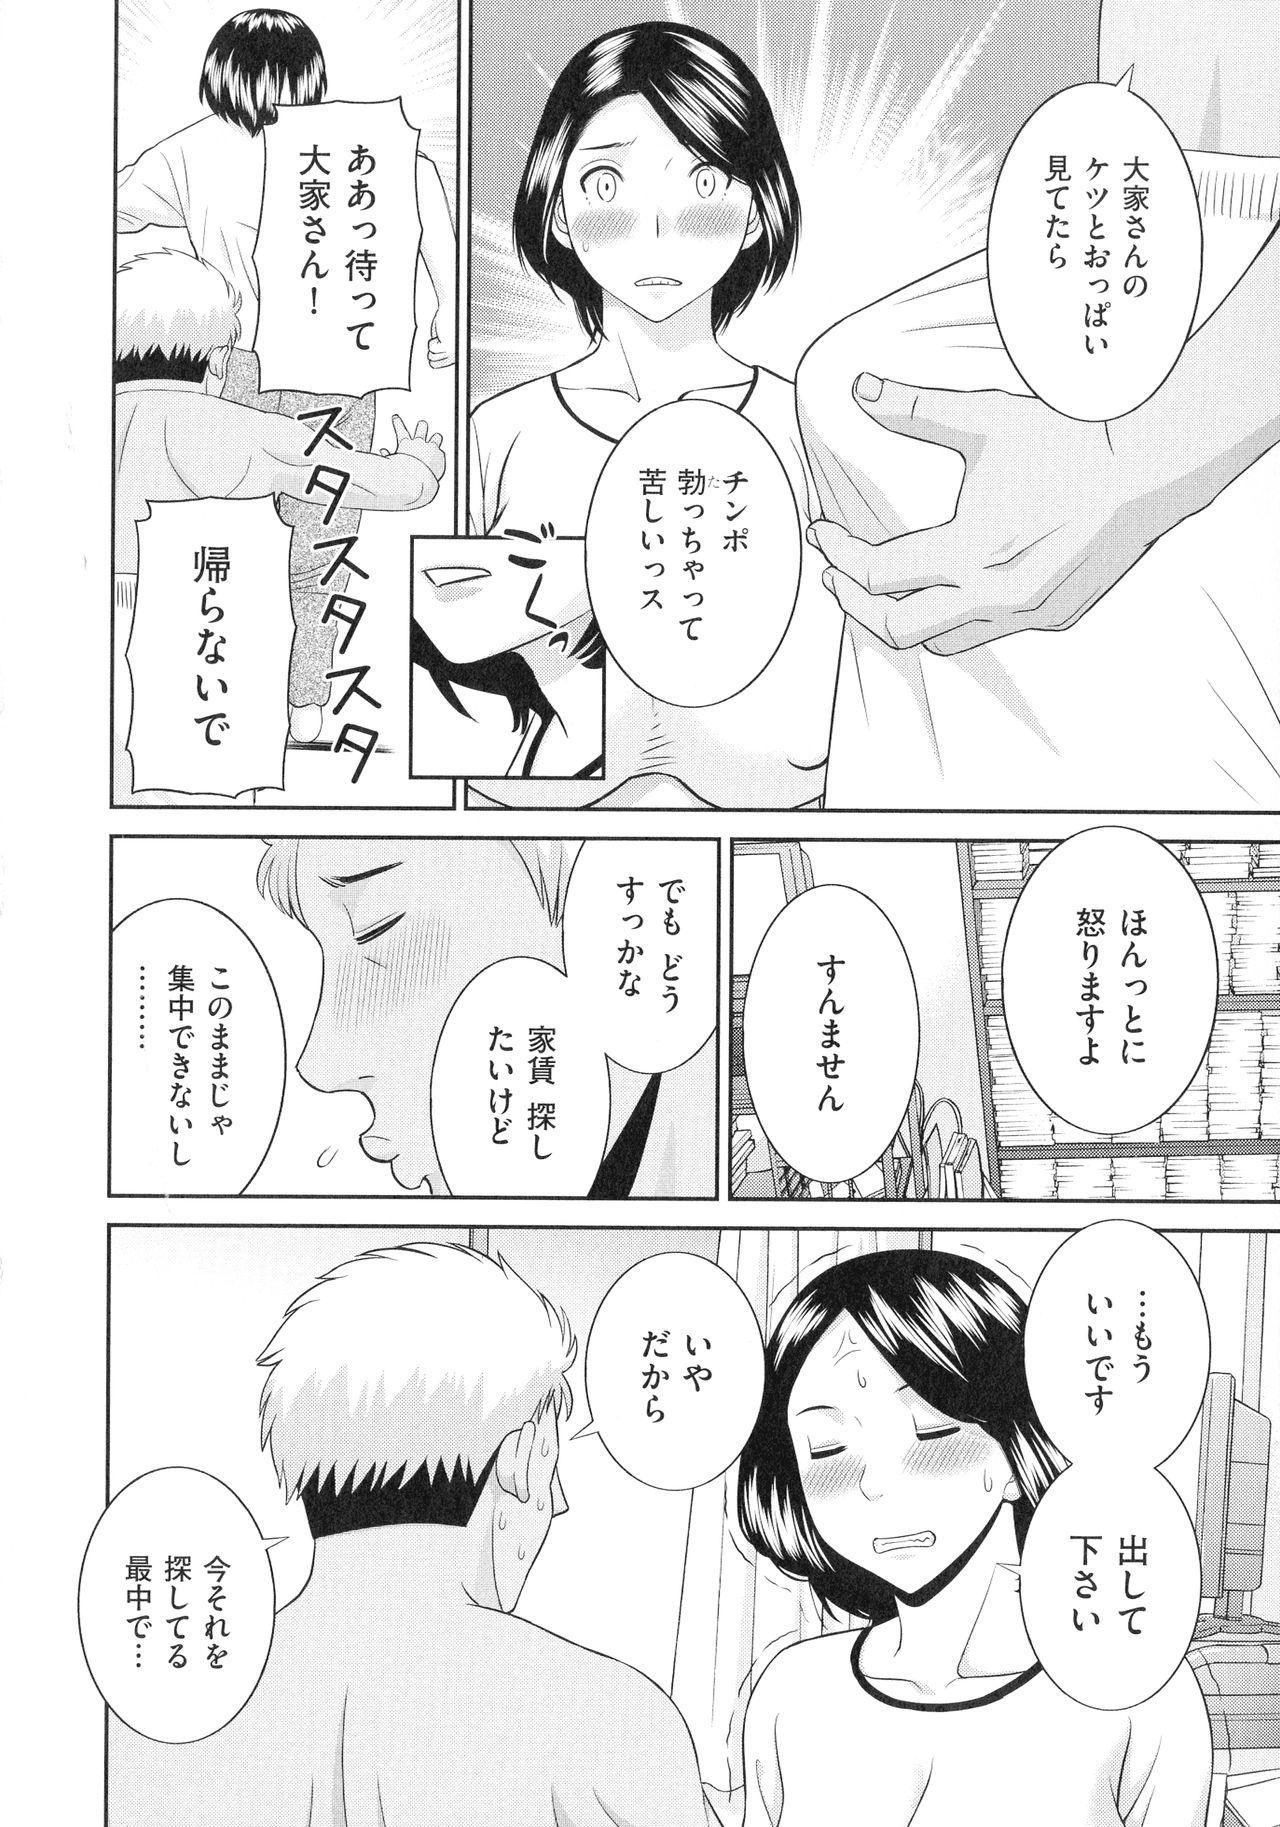 Tennen Torokeru Hatsujozuma 28